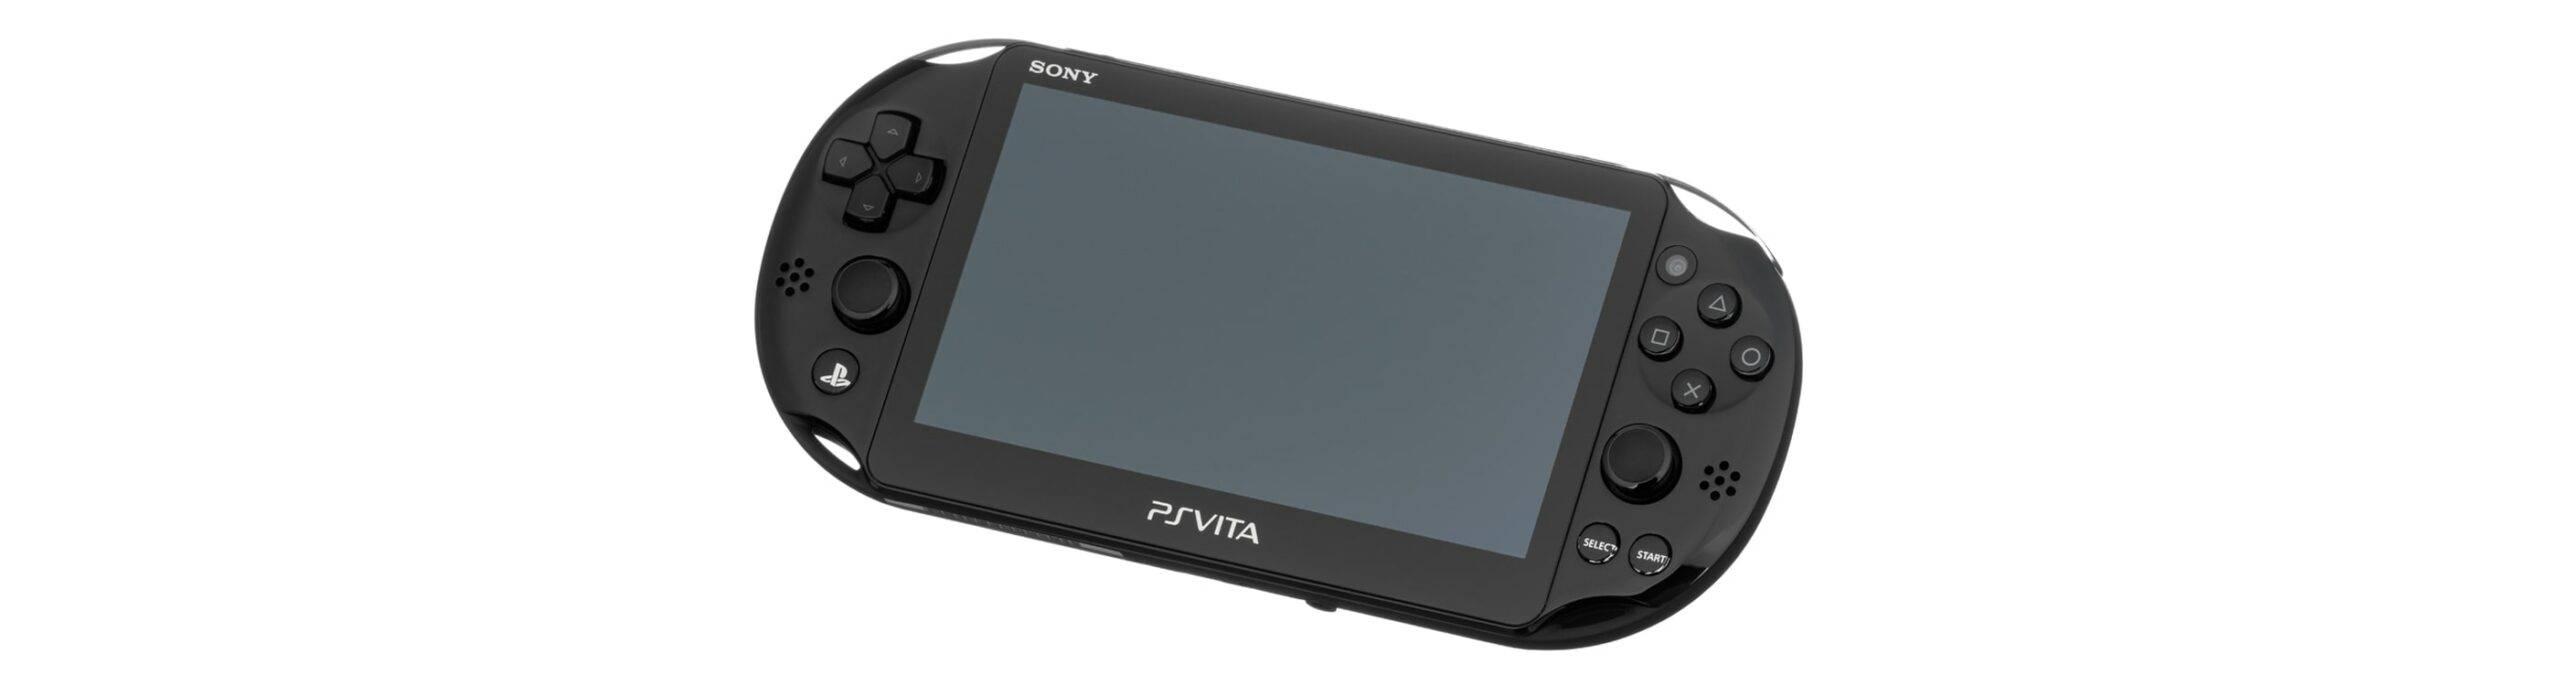 Sony's PS Vita handheld gaming device